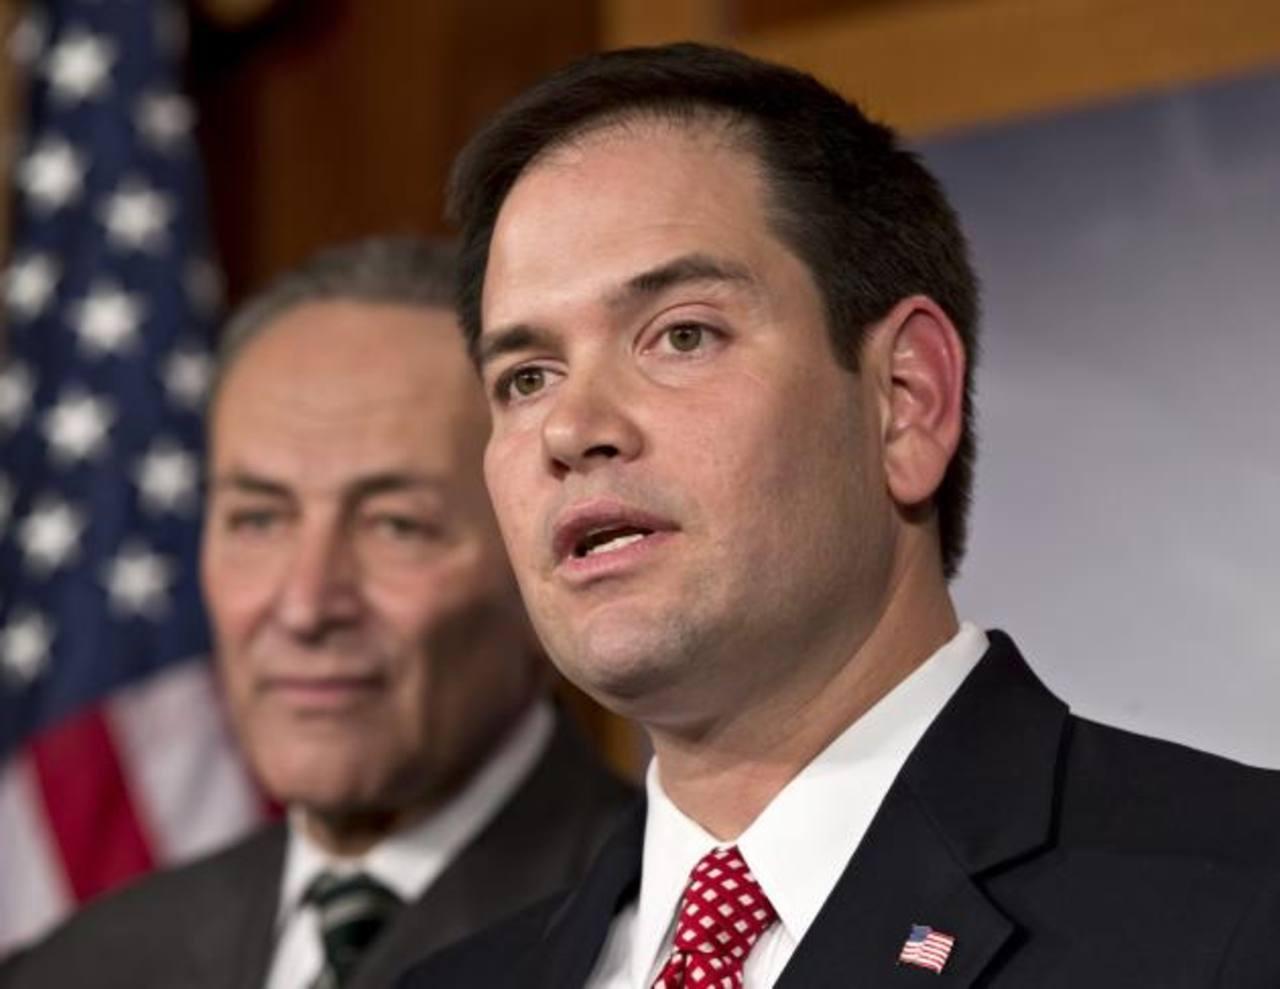 El senador republicano, Marco Rubio, critica con dureza lo que pasa en Venezuela. Foto EDH /archivo